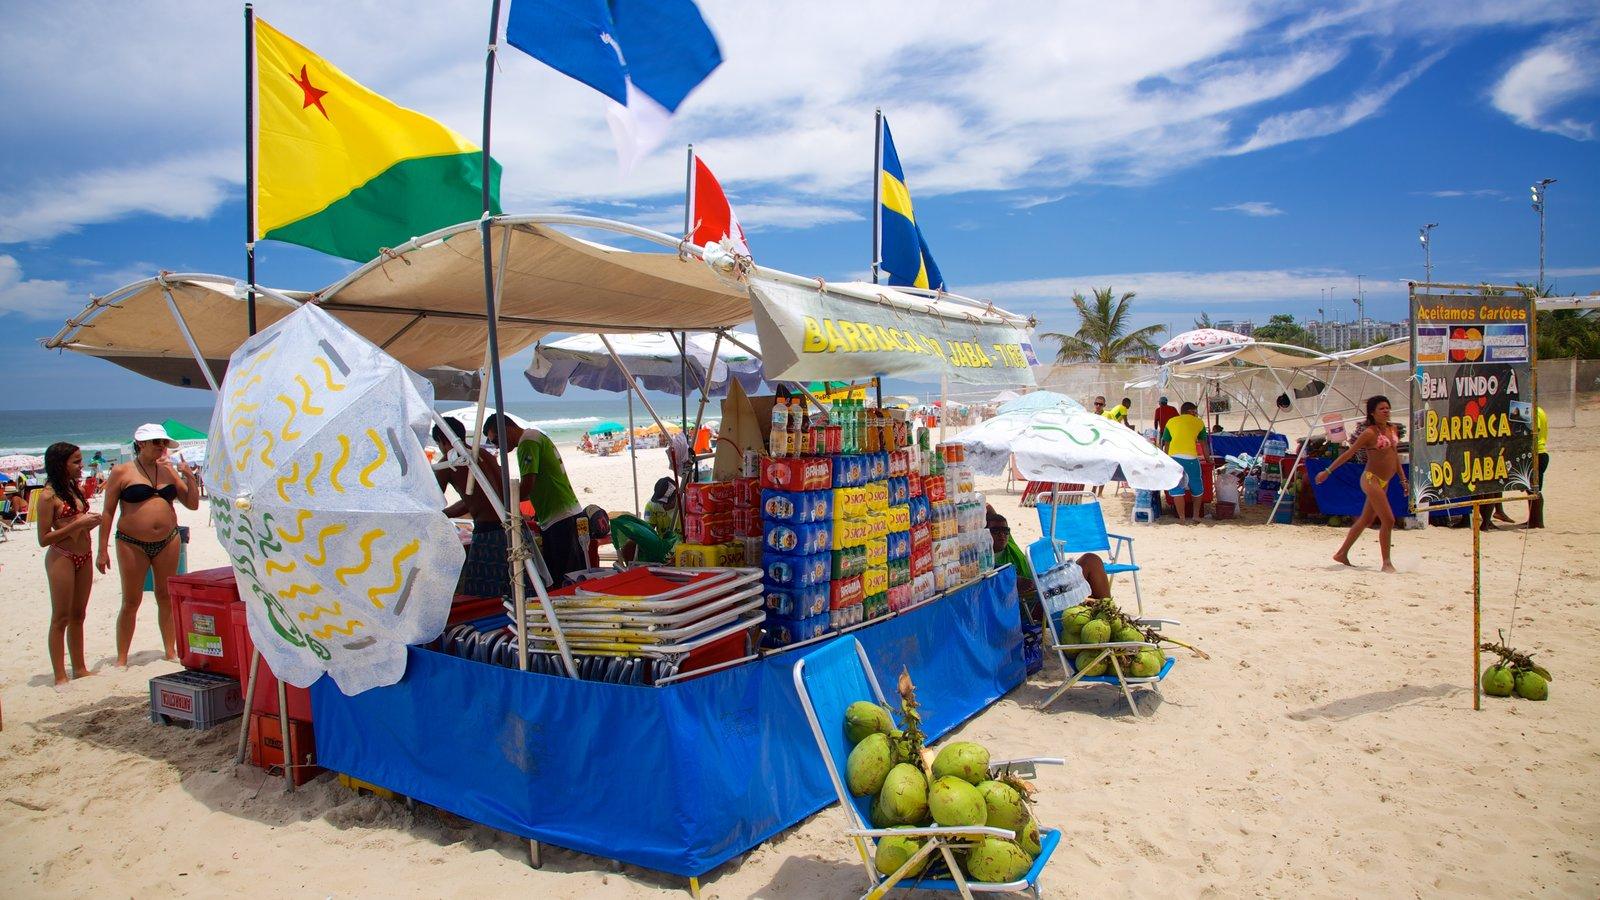 Barra da Tijuca mostrando uma praia de areia, um bar na praia e comida